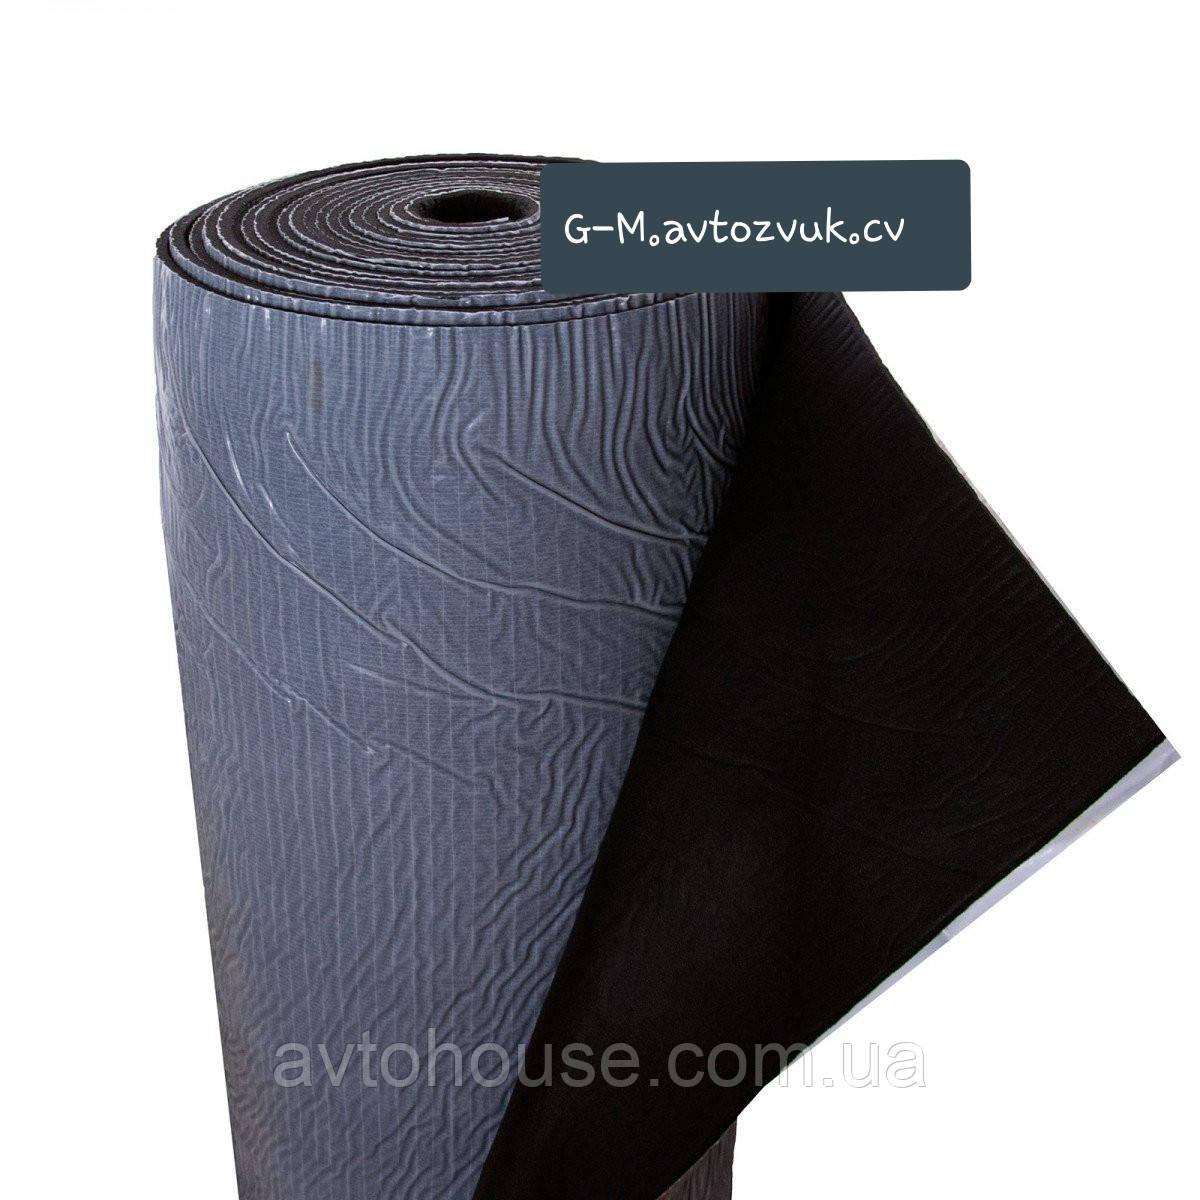 Шумоизоляция из вспененного каучука с липким слоем 10мм